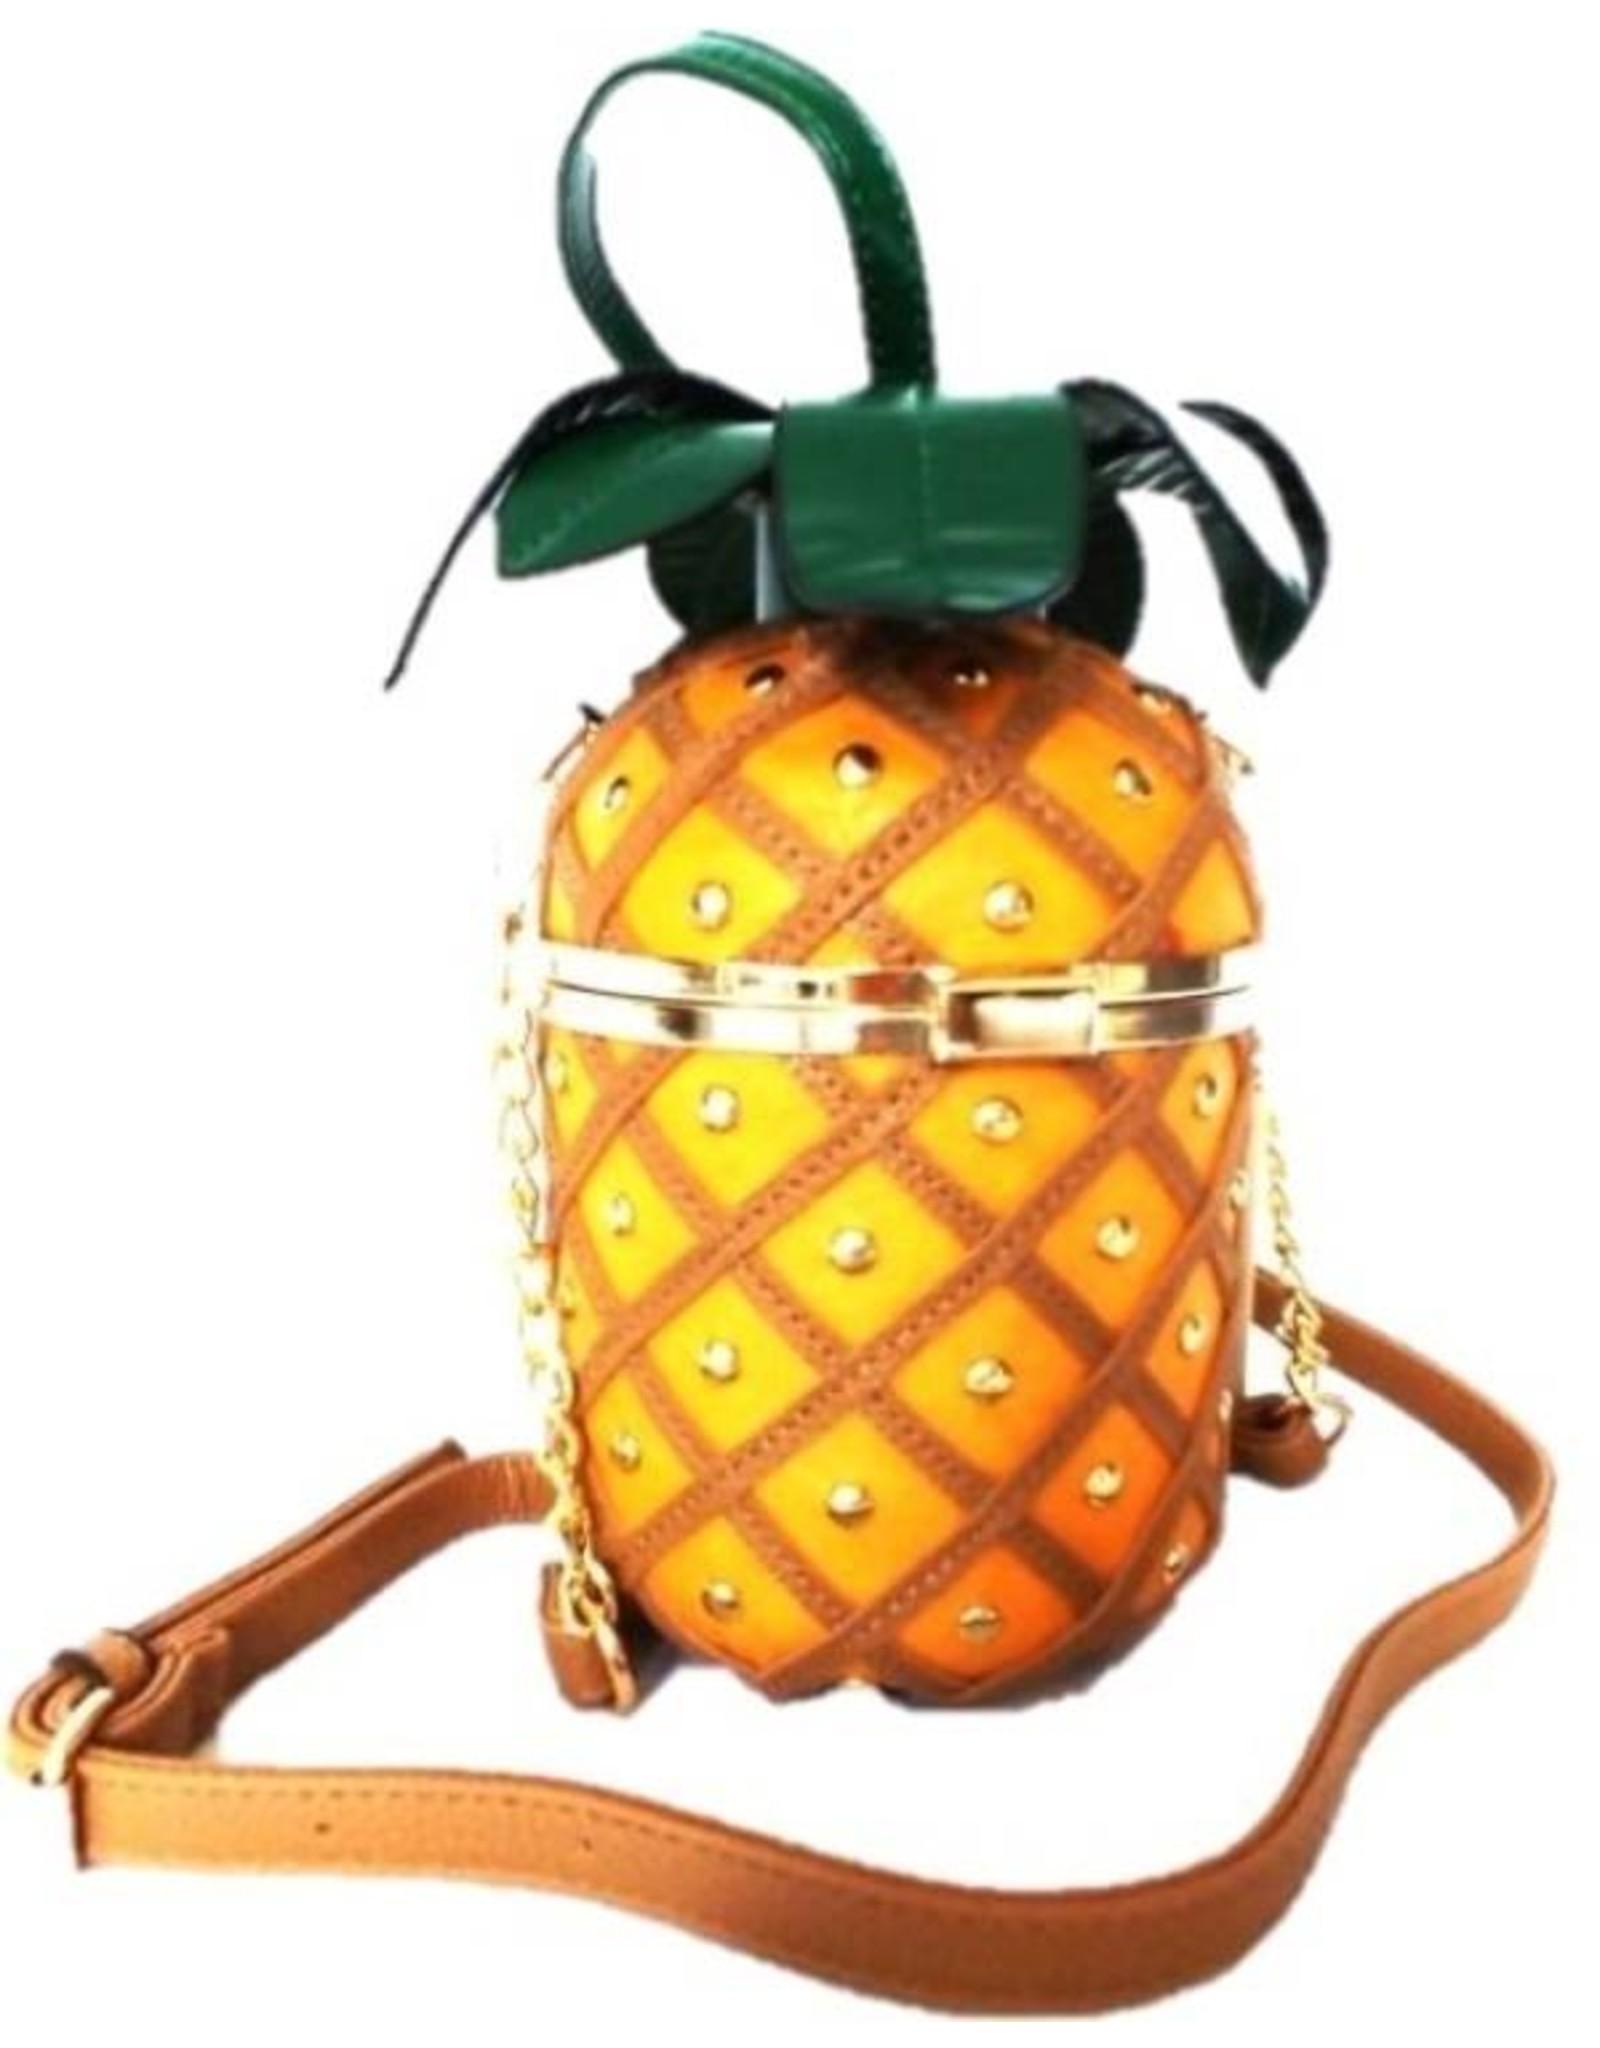 Magic Bags Fantasy bags - Fantasy bag Pineapple yellow